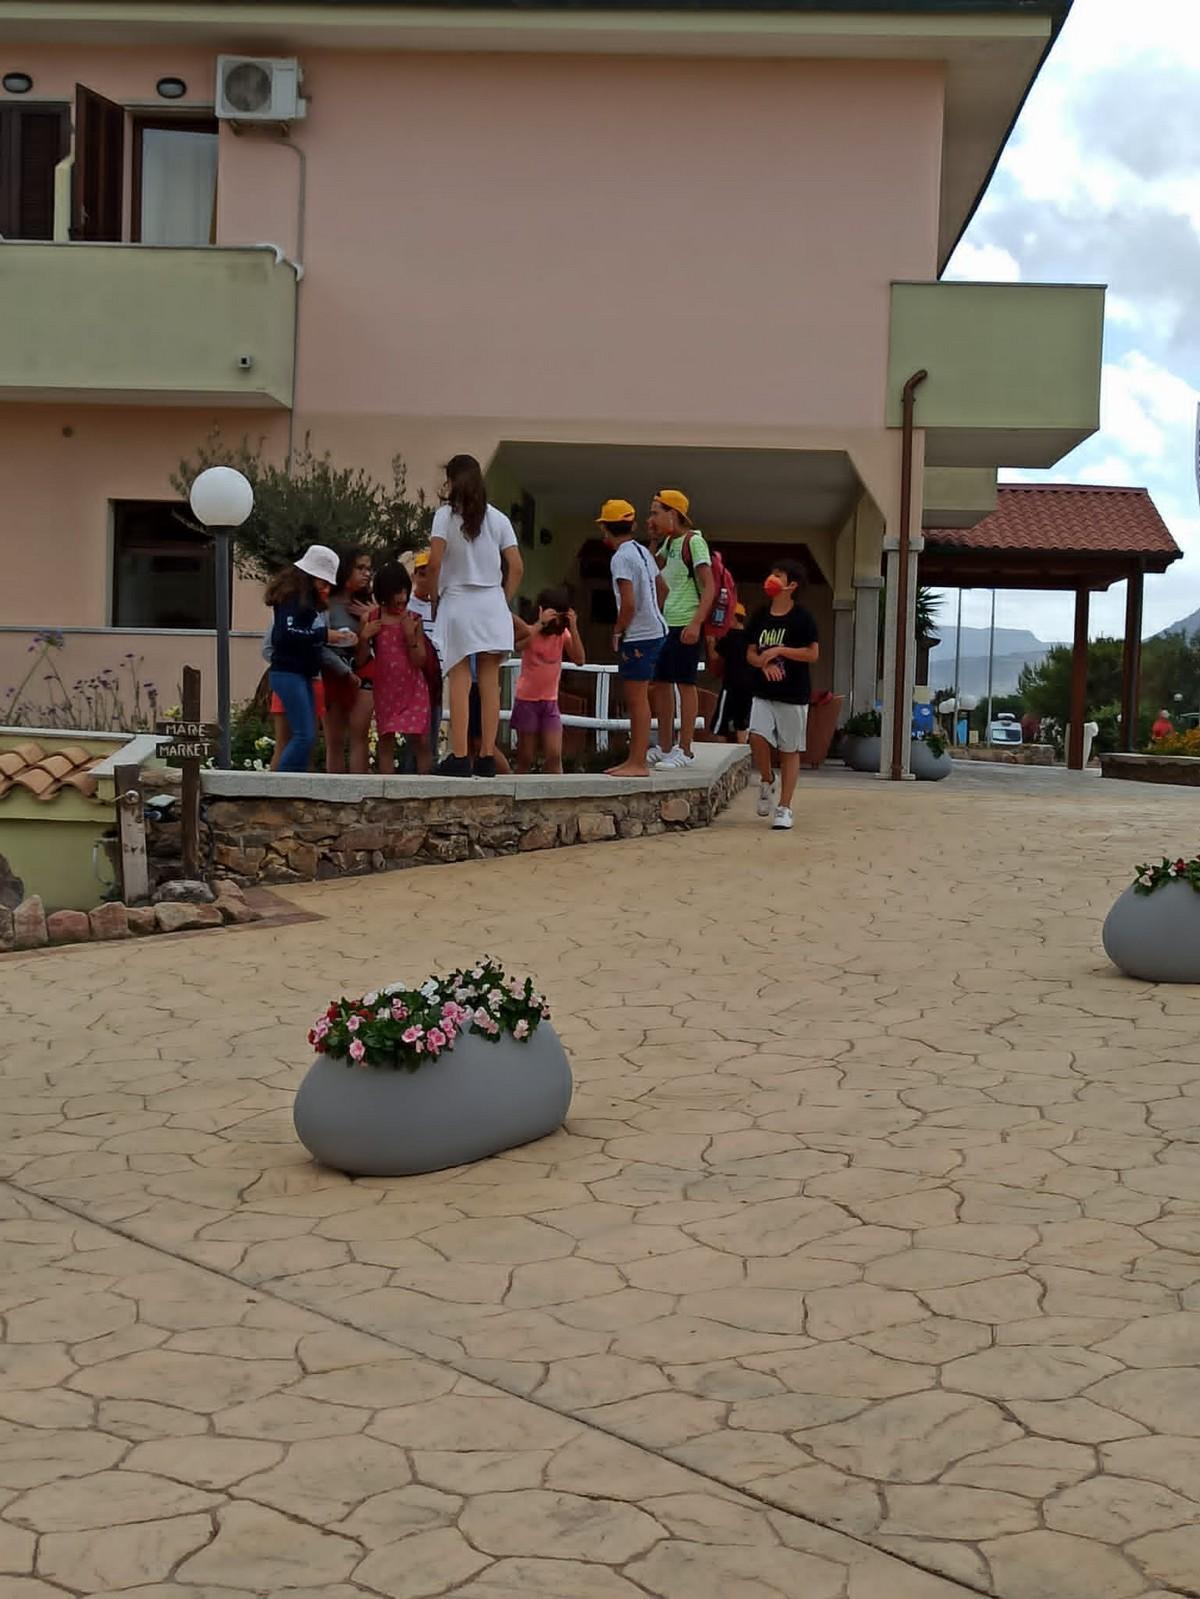 Hotel Baia delle Mimose 4**** // Il tuo camp d'inglese in Sardegna // Junior Archivi --HOTEL-BAIA-DELLE-MIMOSE-IL-TUO-CAMP-DI-INGLESE-IN-SARDEGNA-14-7-20212